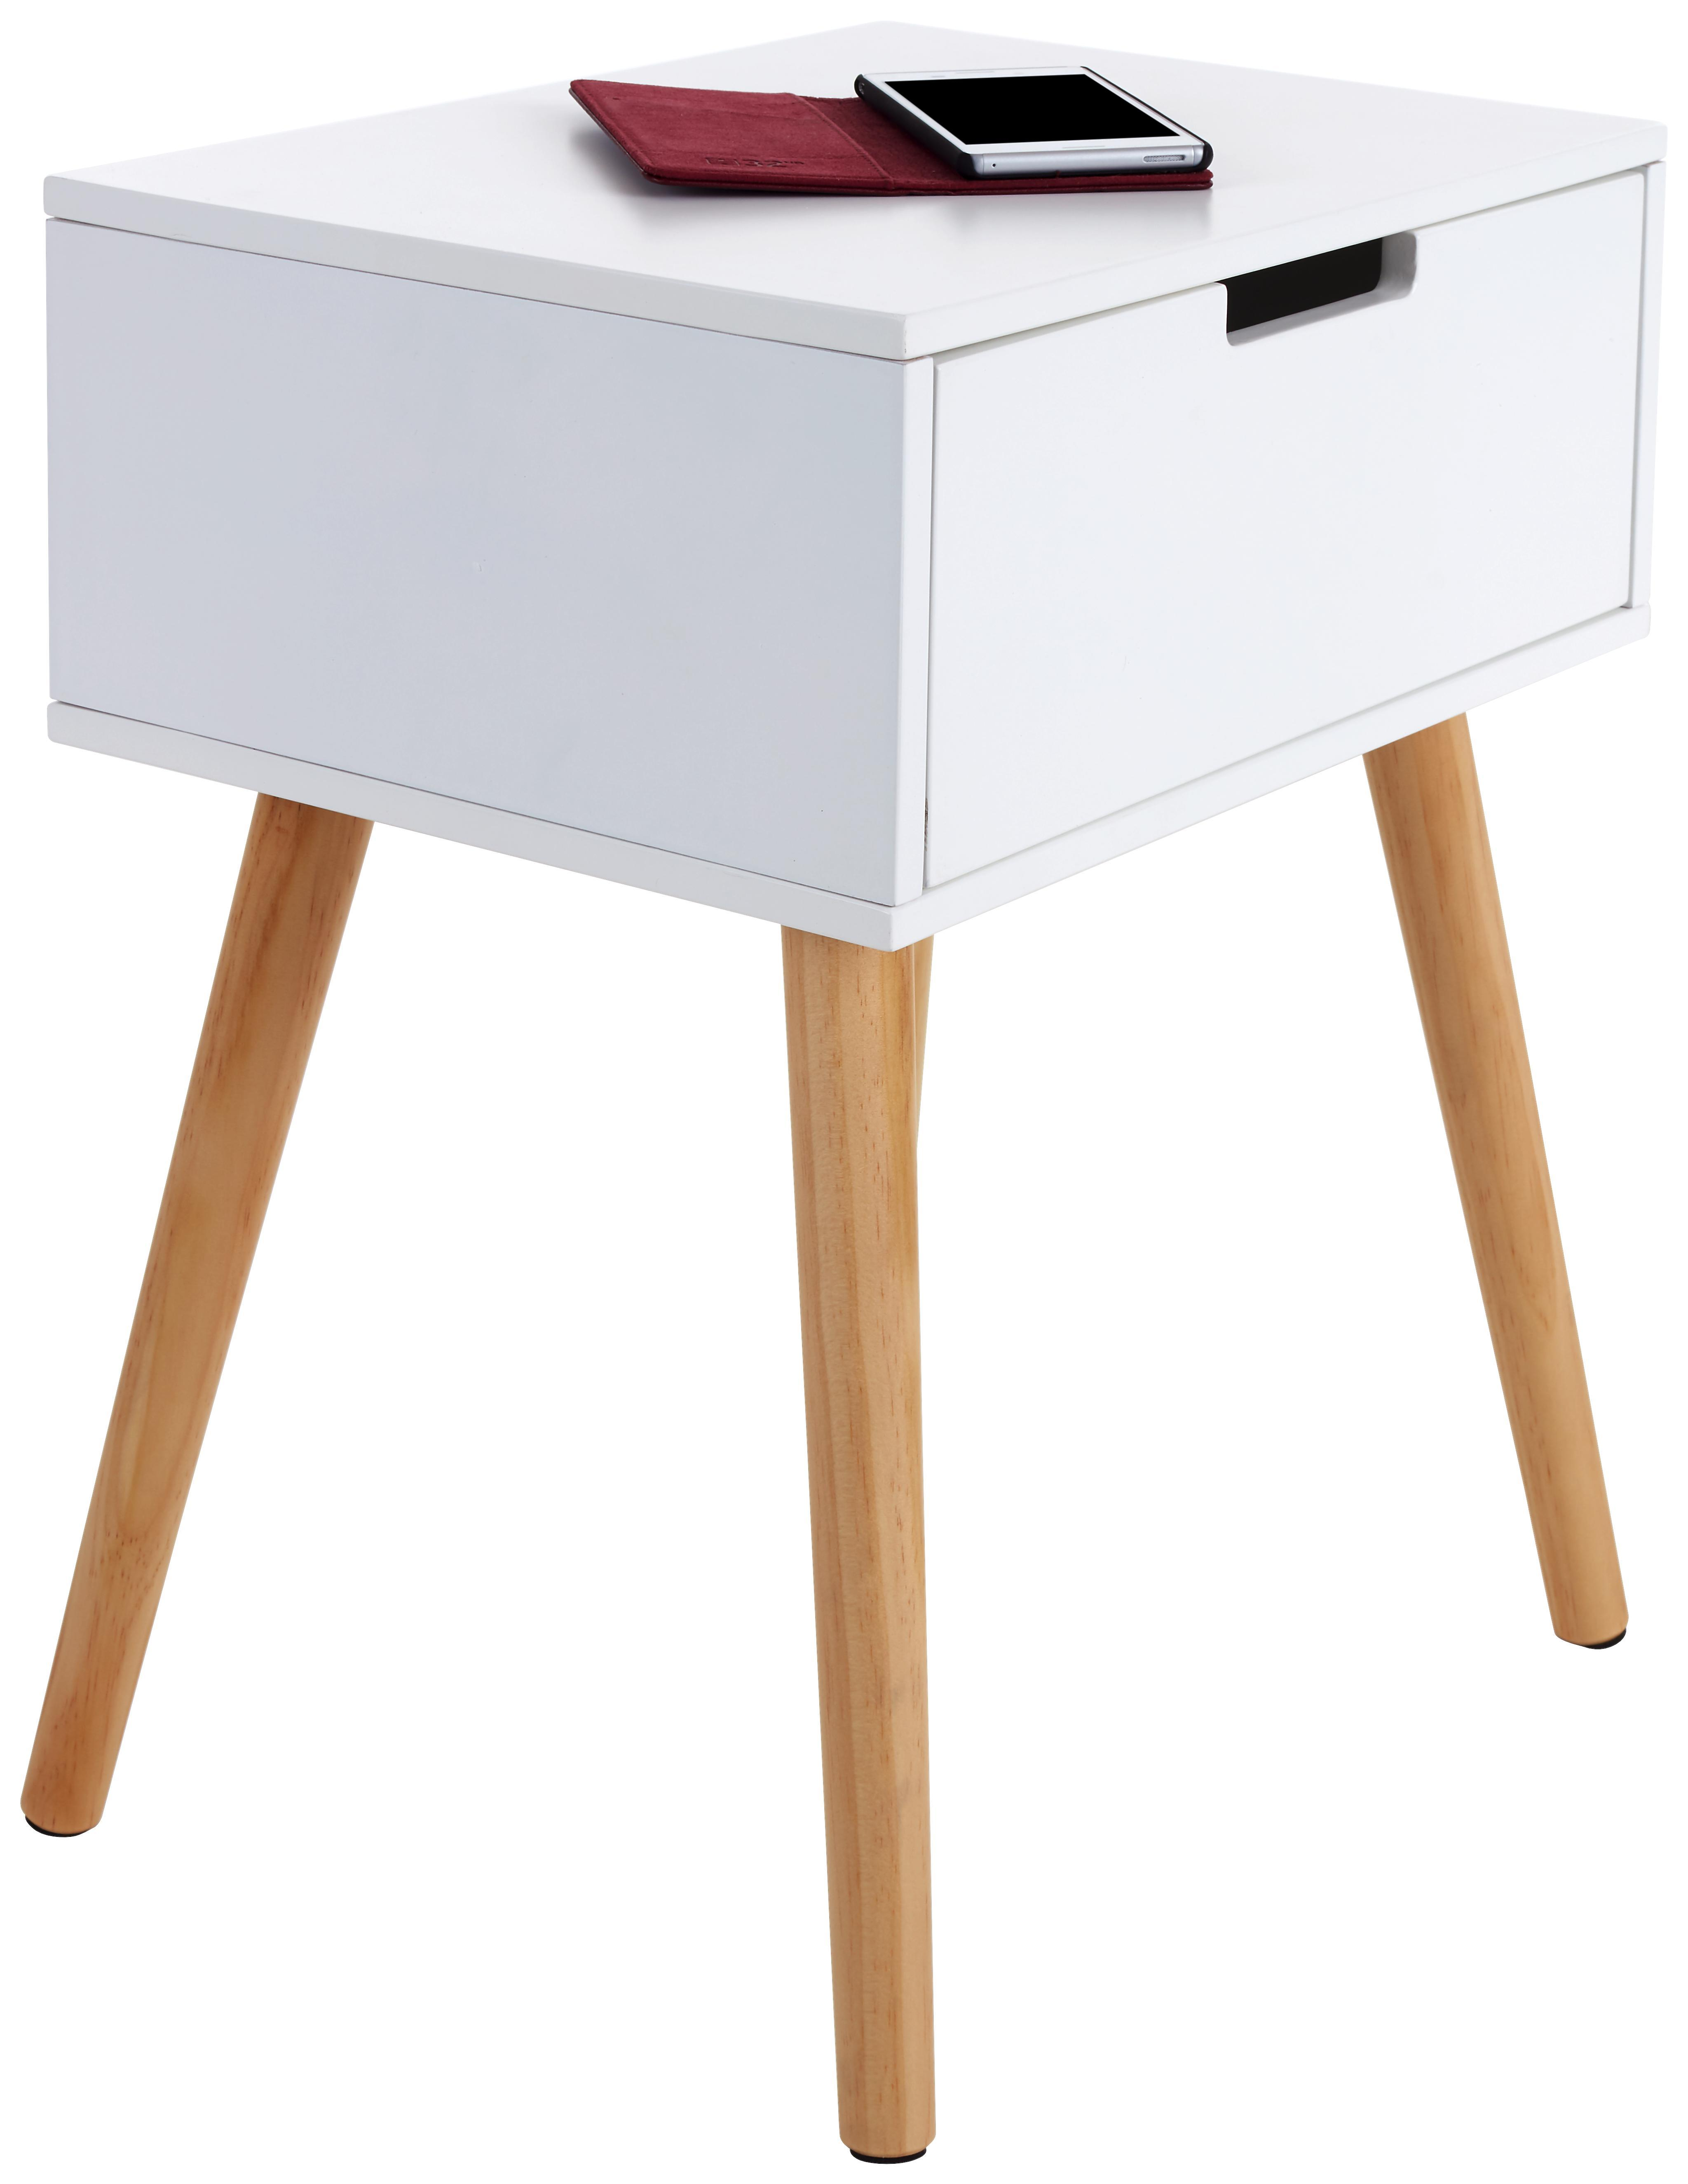 Regal 52 cm breit, Kiefer Holz Massiv, Farbe: Weiß, Höhe